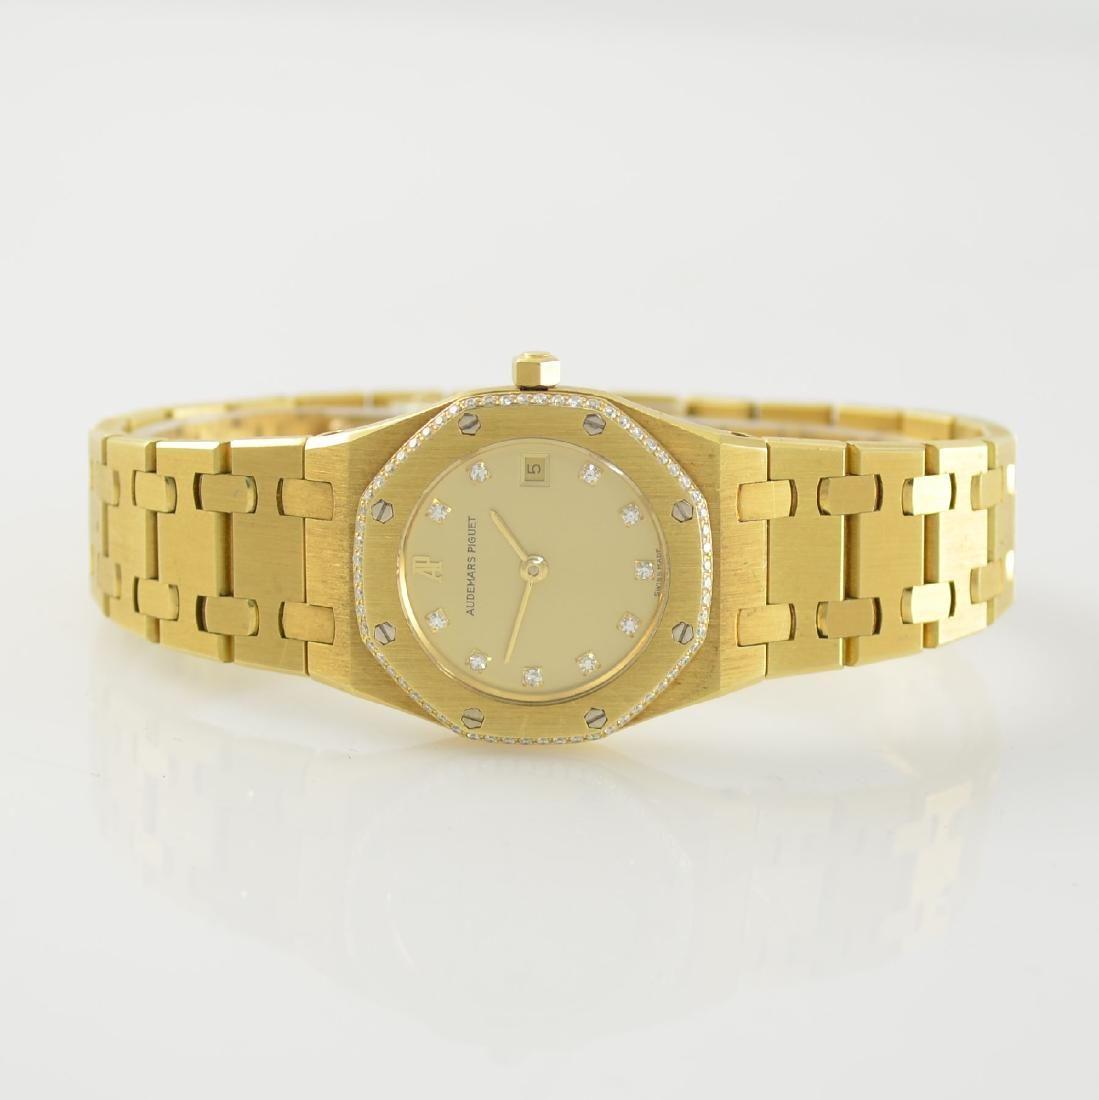 AUDEMARS PIGUET 18k yellow gold Royal Oak wristwatch